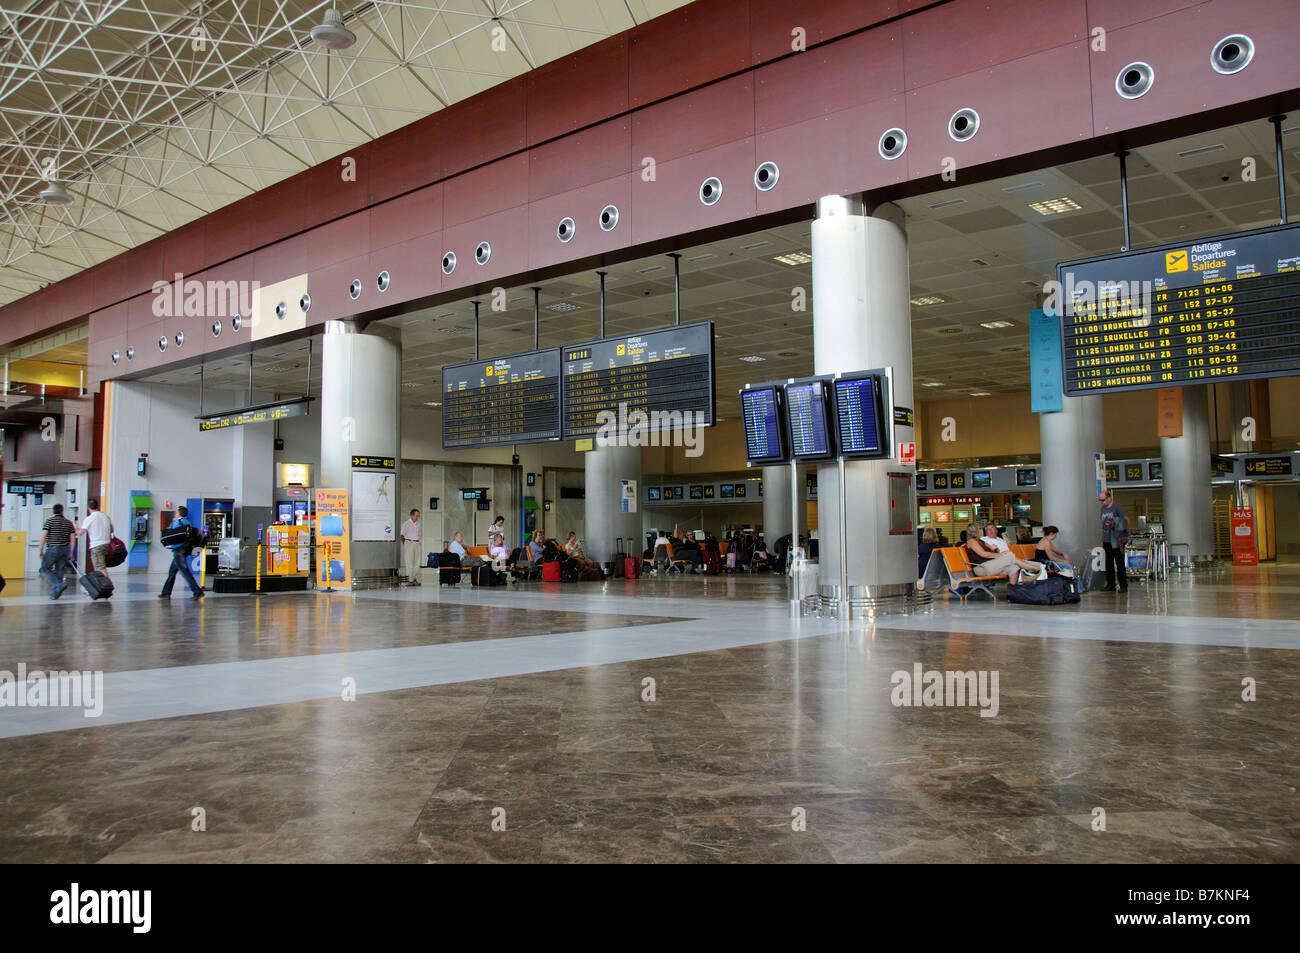 Aeroporto Tenerife Sud : Aeroporto compagnia aerea terminal arrivi e partenze bordo